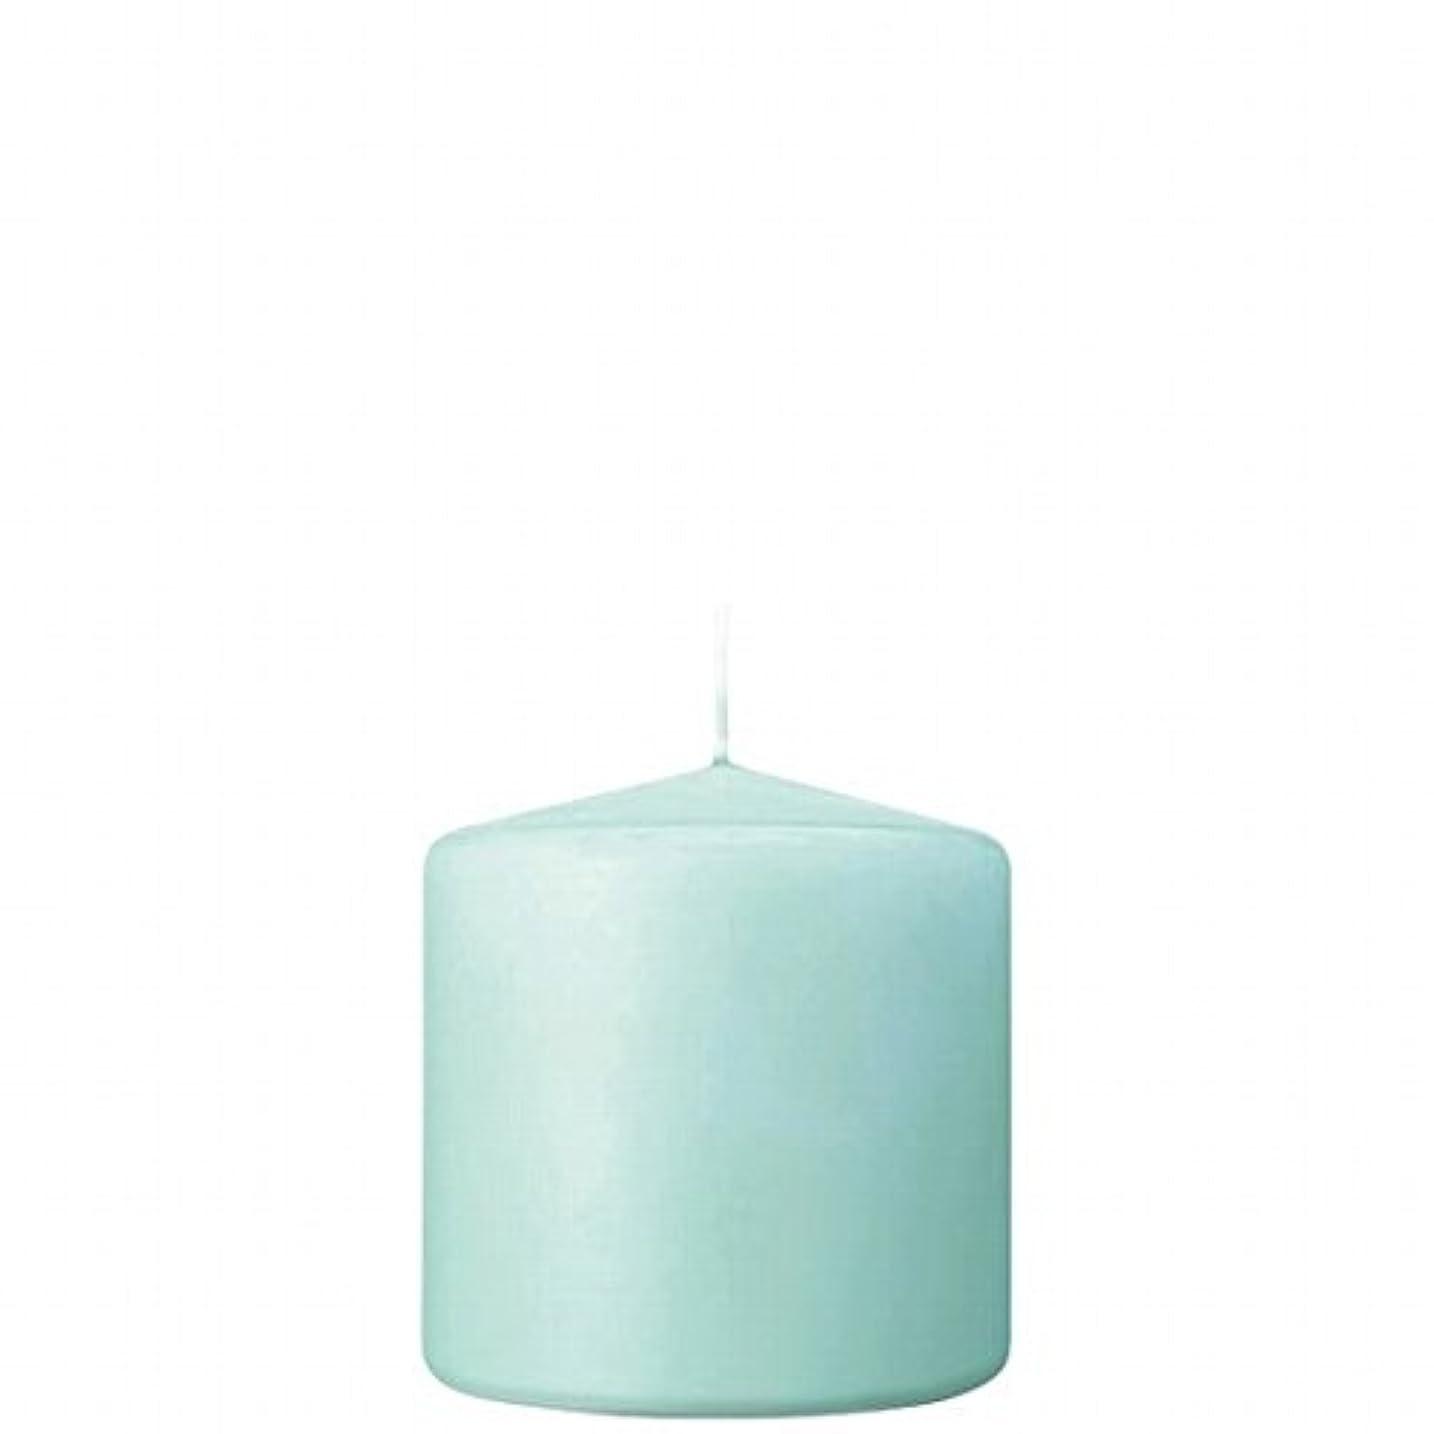 傀儡不確実ハブカメヤマキャンドル(kameyama candle) 3×3ベルトップピラーキャンドル 「 ライトブルー 」